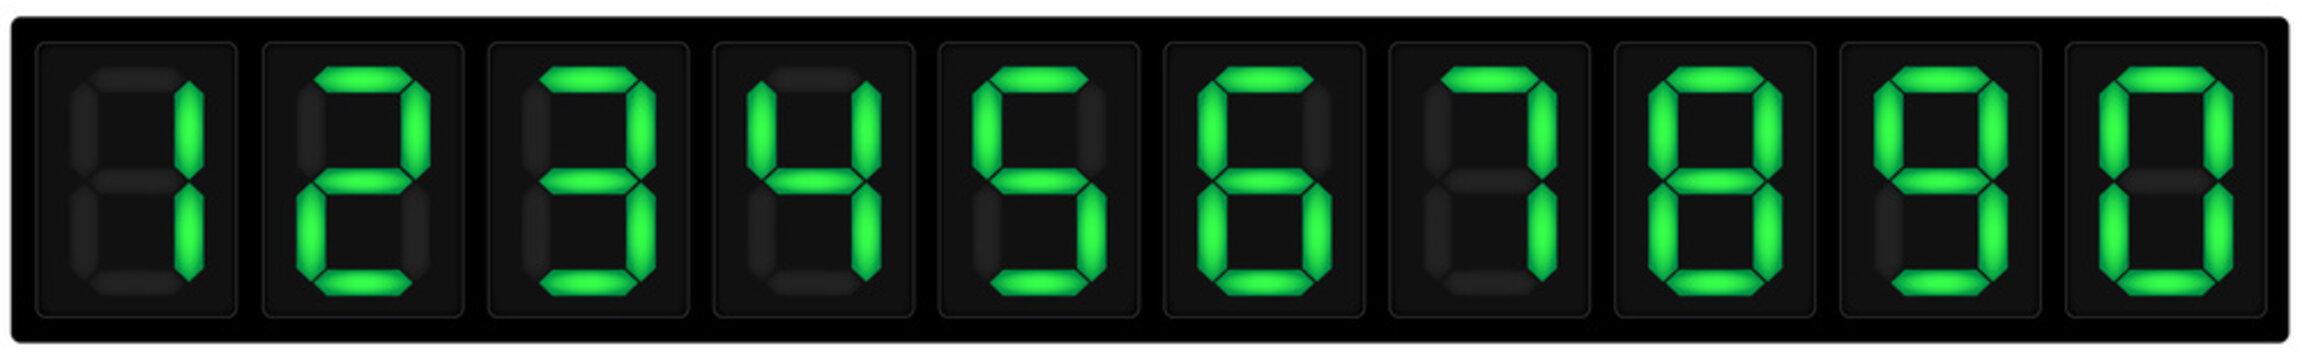 Numeri display sette segmenti